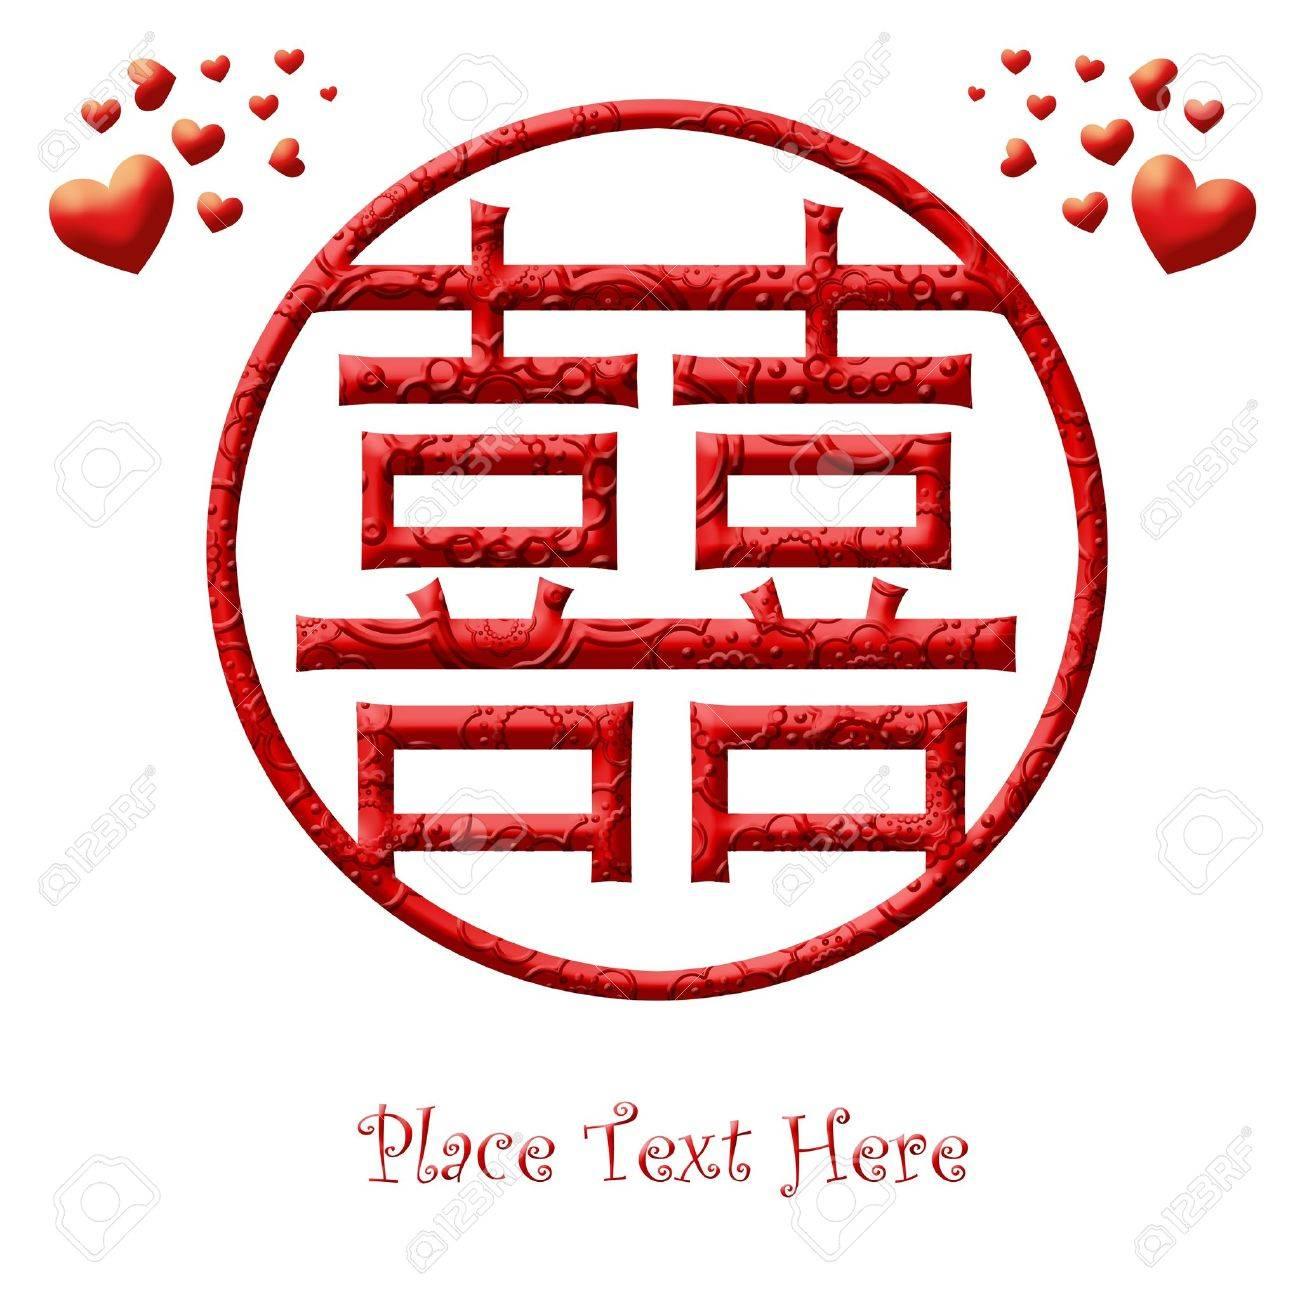 Circle of love double happiness chinese wedding symbols circle of love double happiness chinese wedding symbols illustration white background stock illustration 8511355 buycottarizona